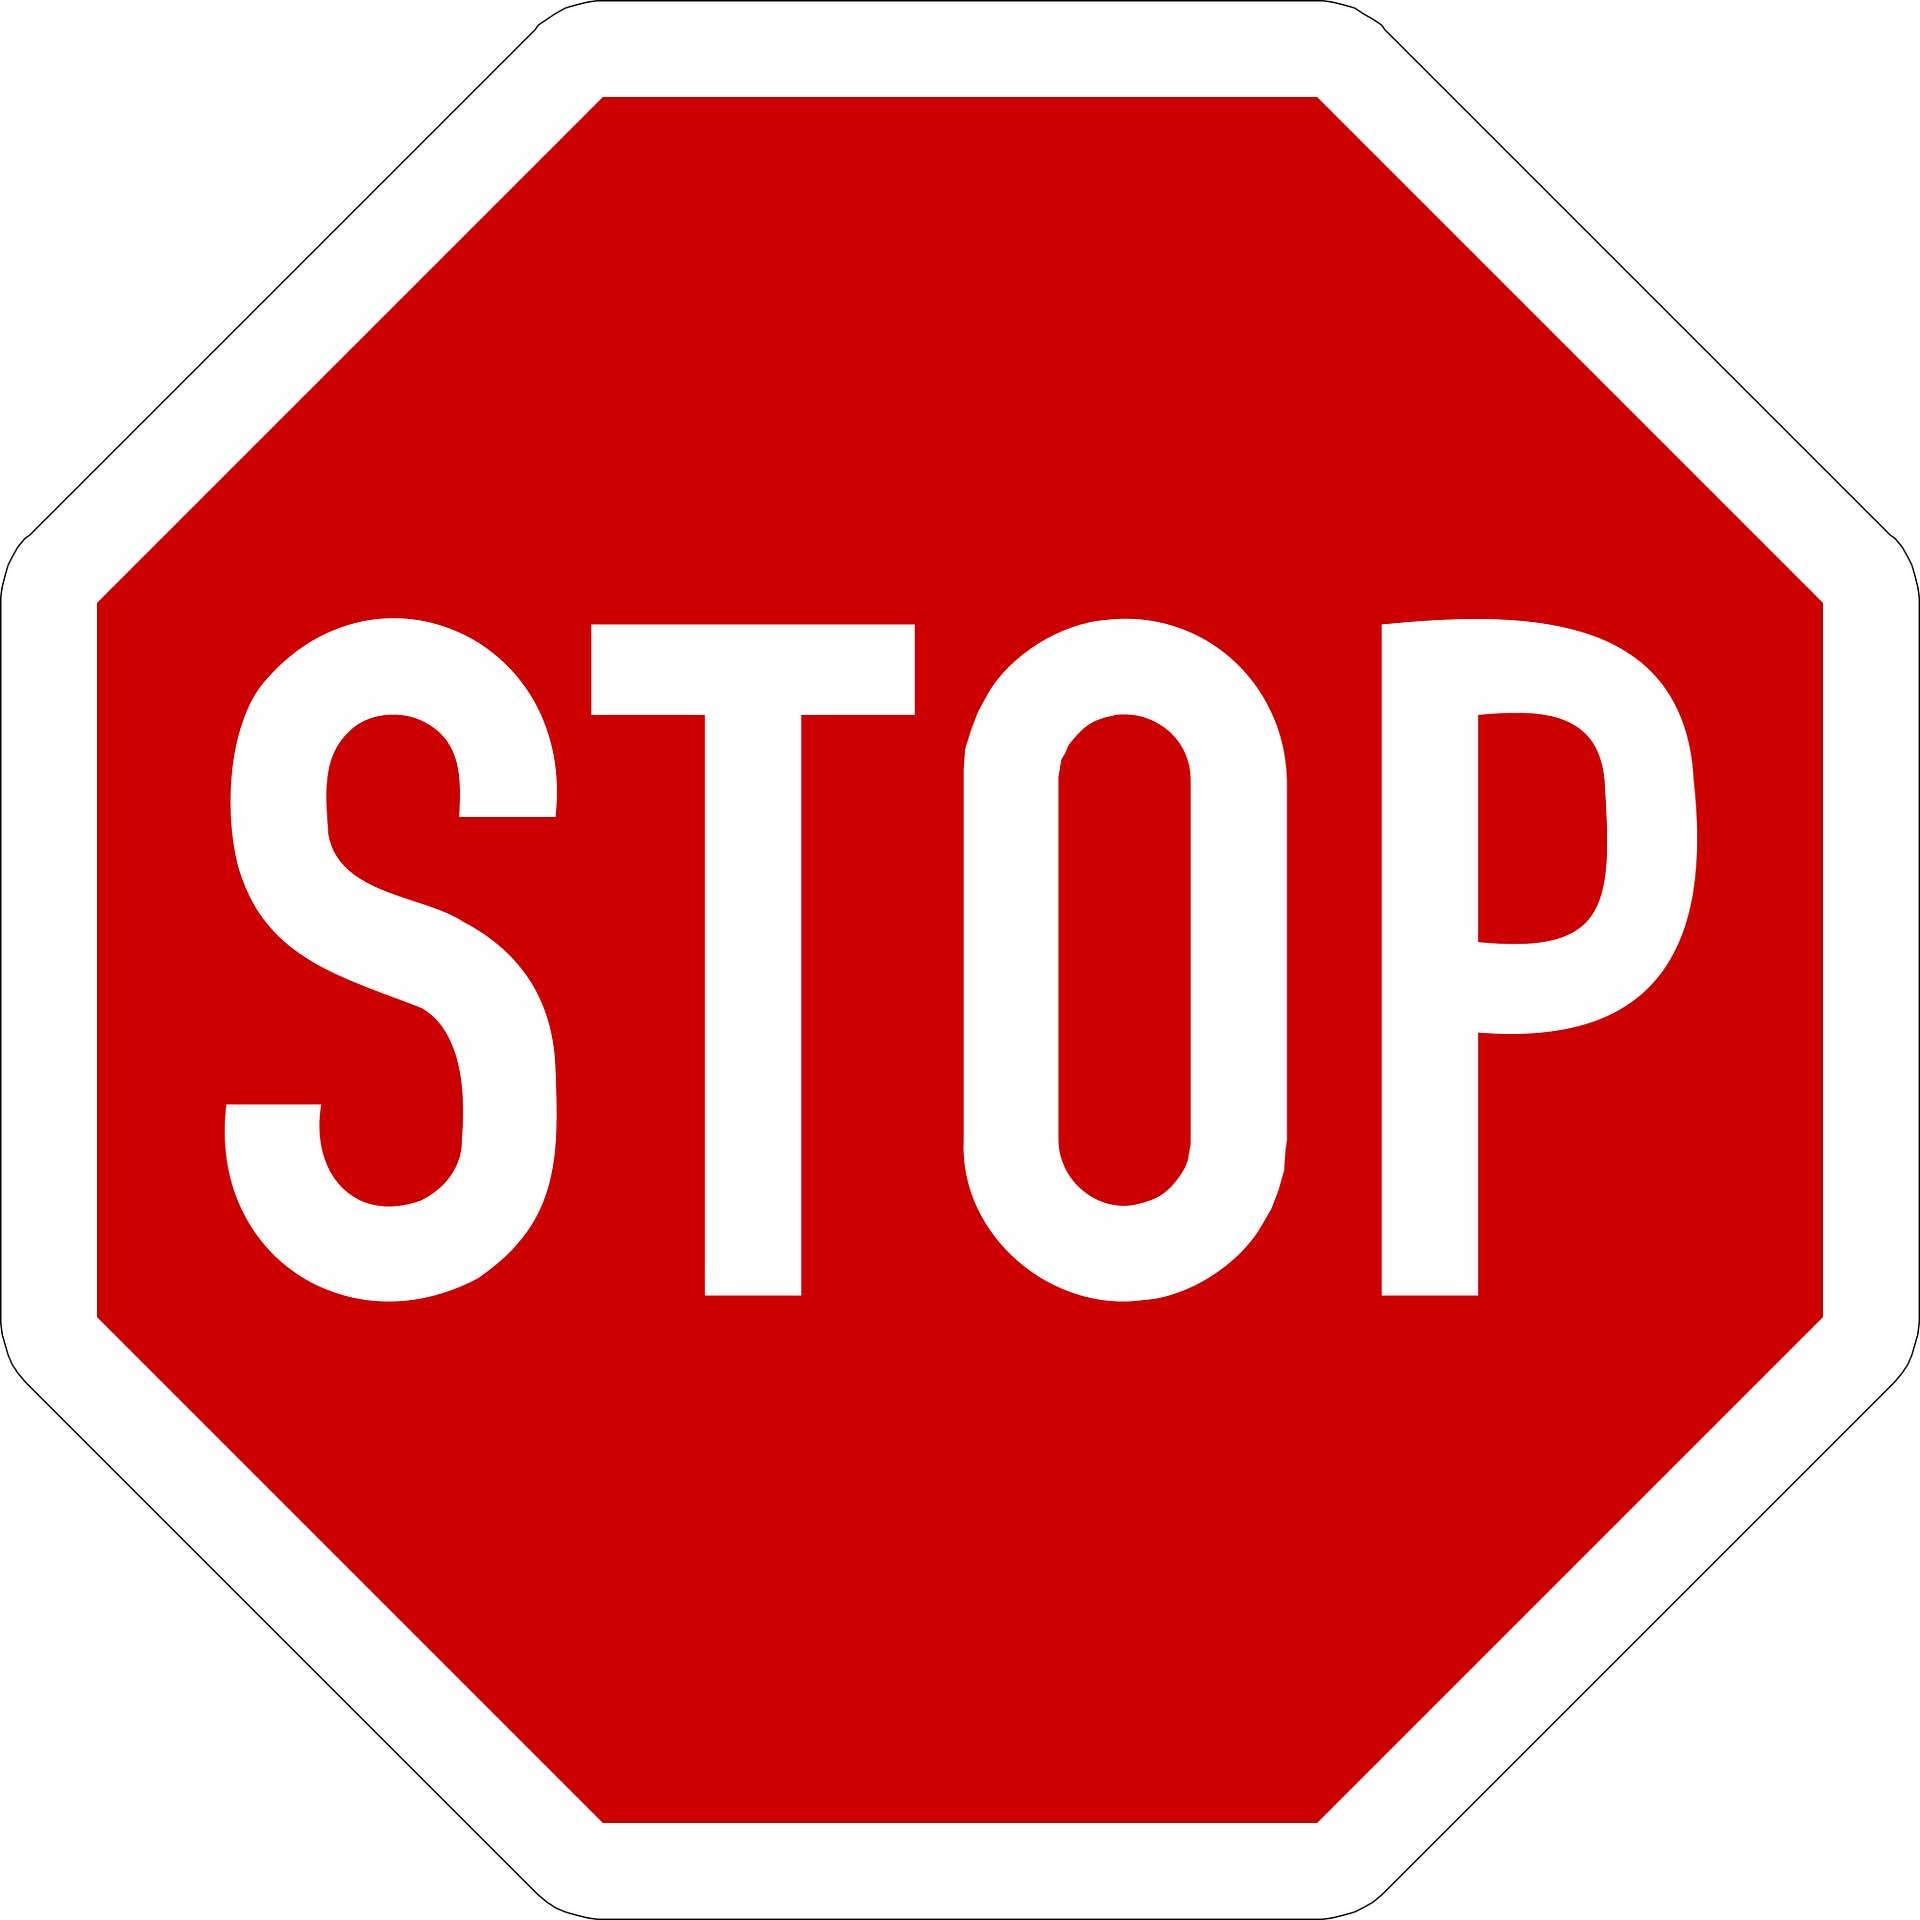 Stopp-Technik, Symbolbild